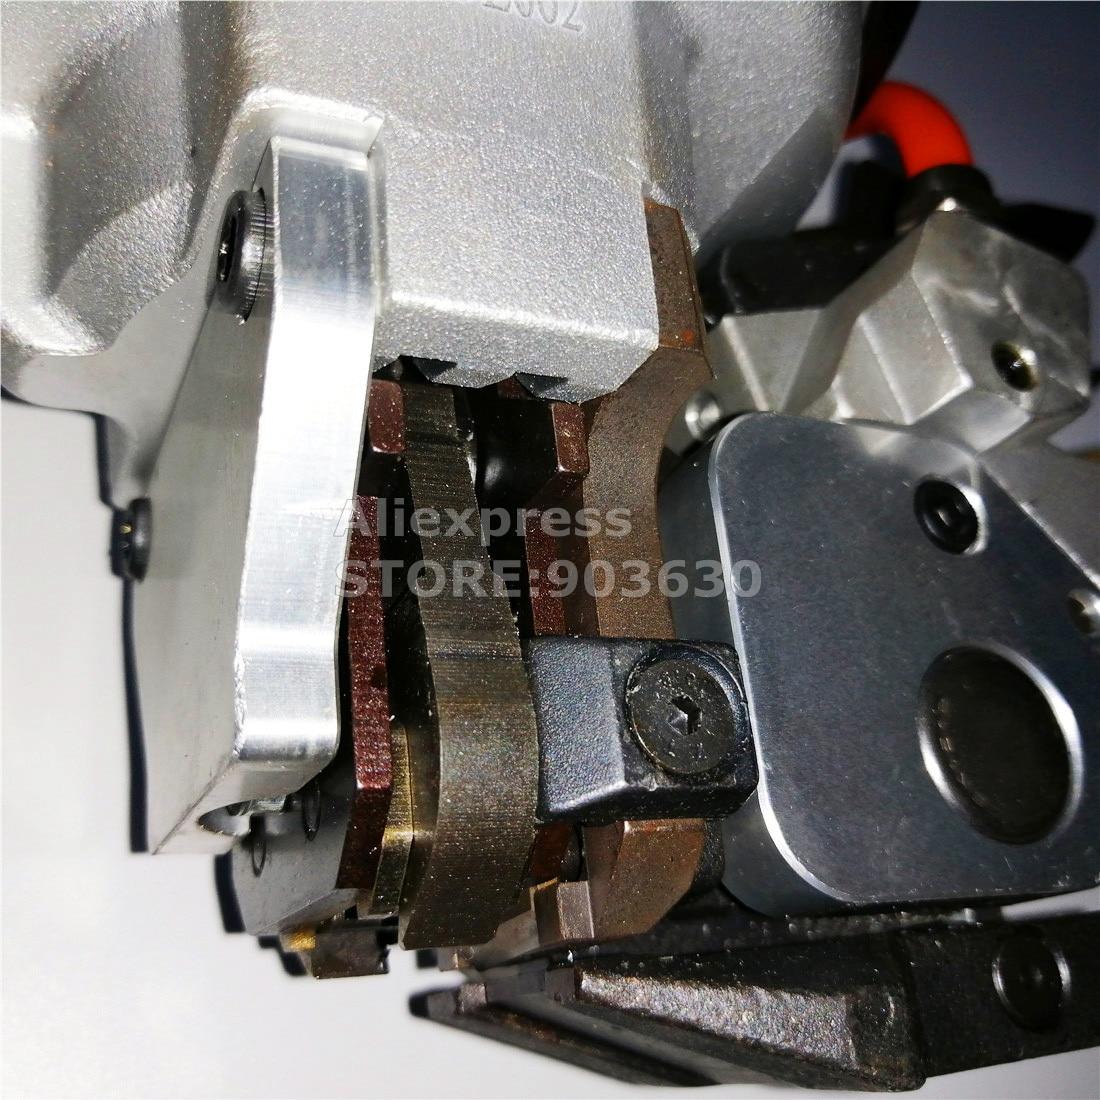 Garanteeritud 100% uus KZ-19 pneumaatiline kombineeritud terasest - Elektrilised tööriistad - Foto 5